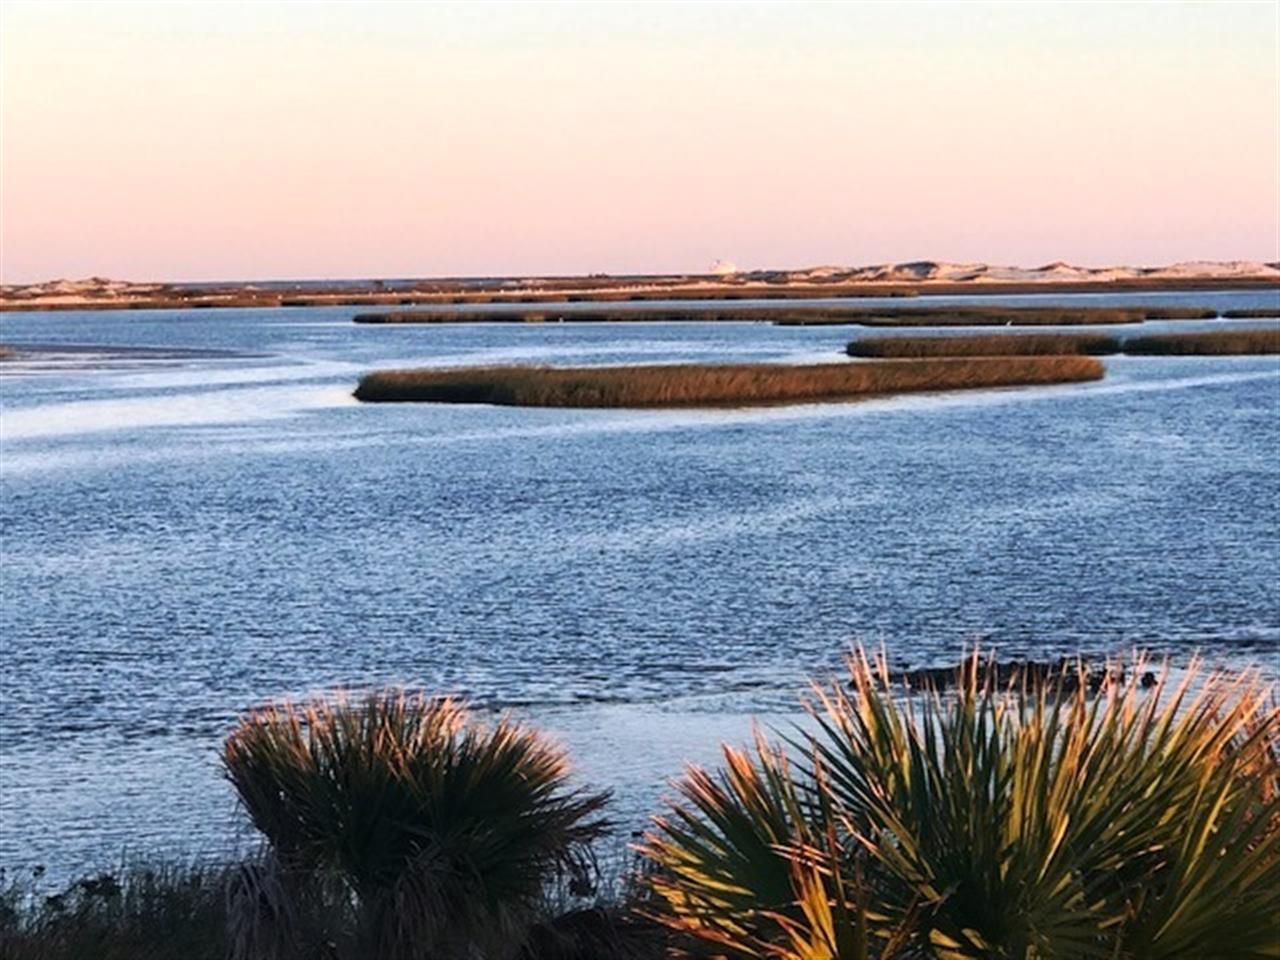 Late Autumn Afternoon, Black Hammock Island, Jacksonville, Florida, USA.